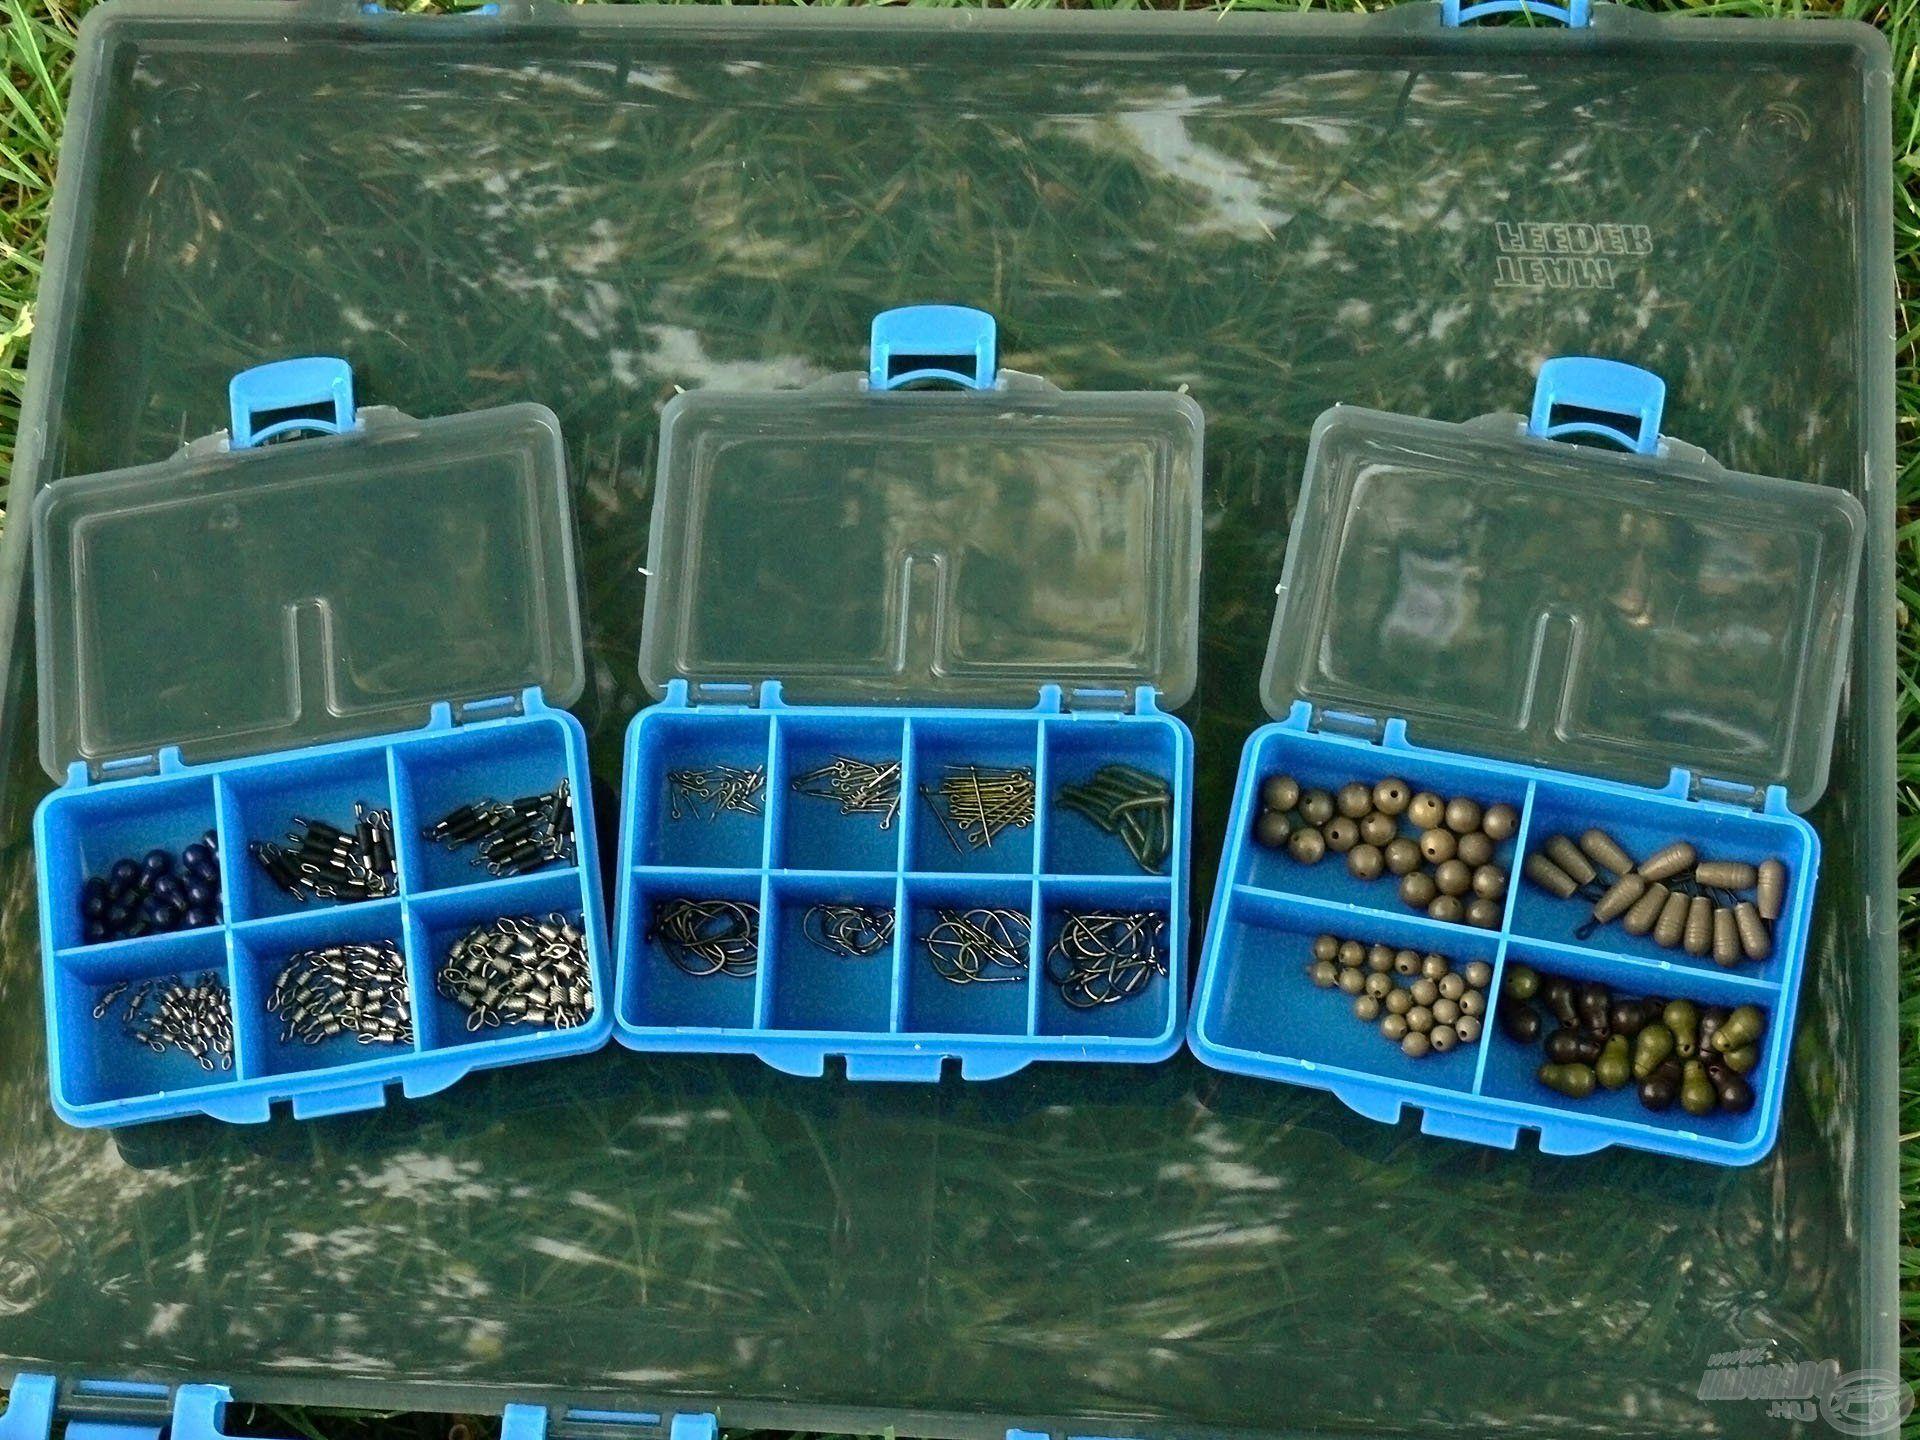 A legapróbb kiegészítőket a 3 darab, különböző osztásban gyártott doboz egyikébe tehetjük